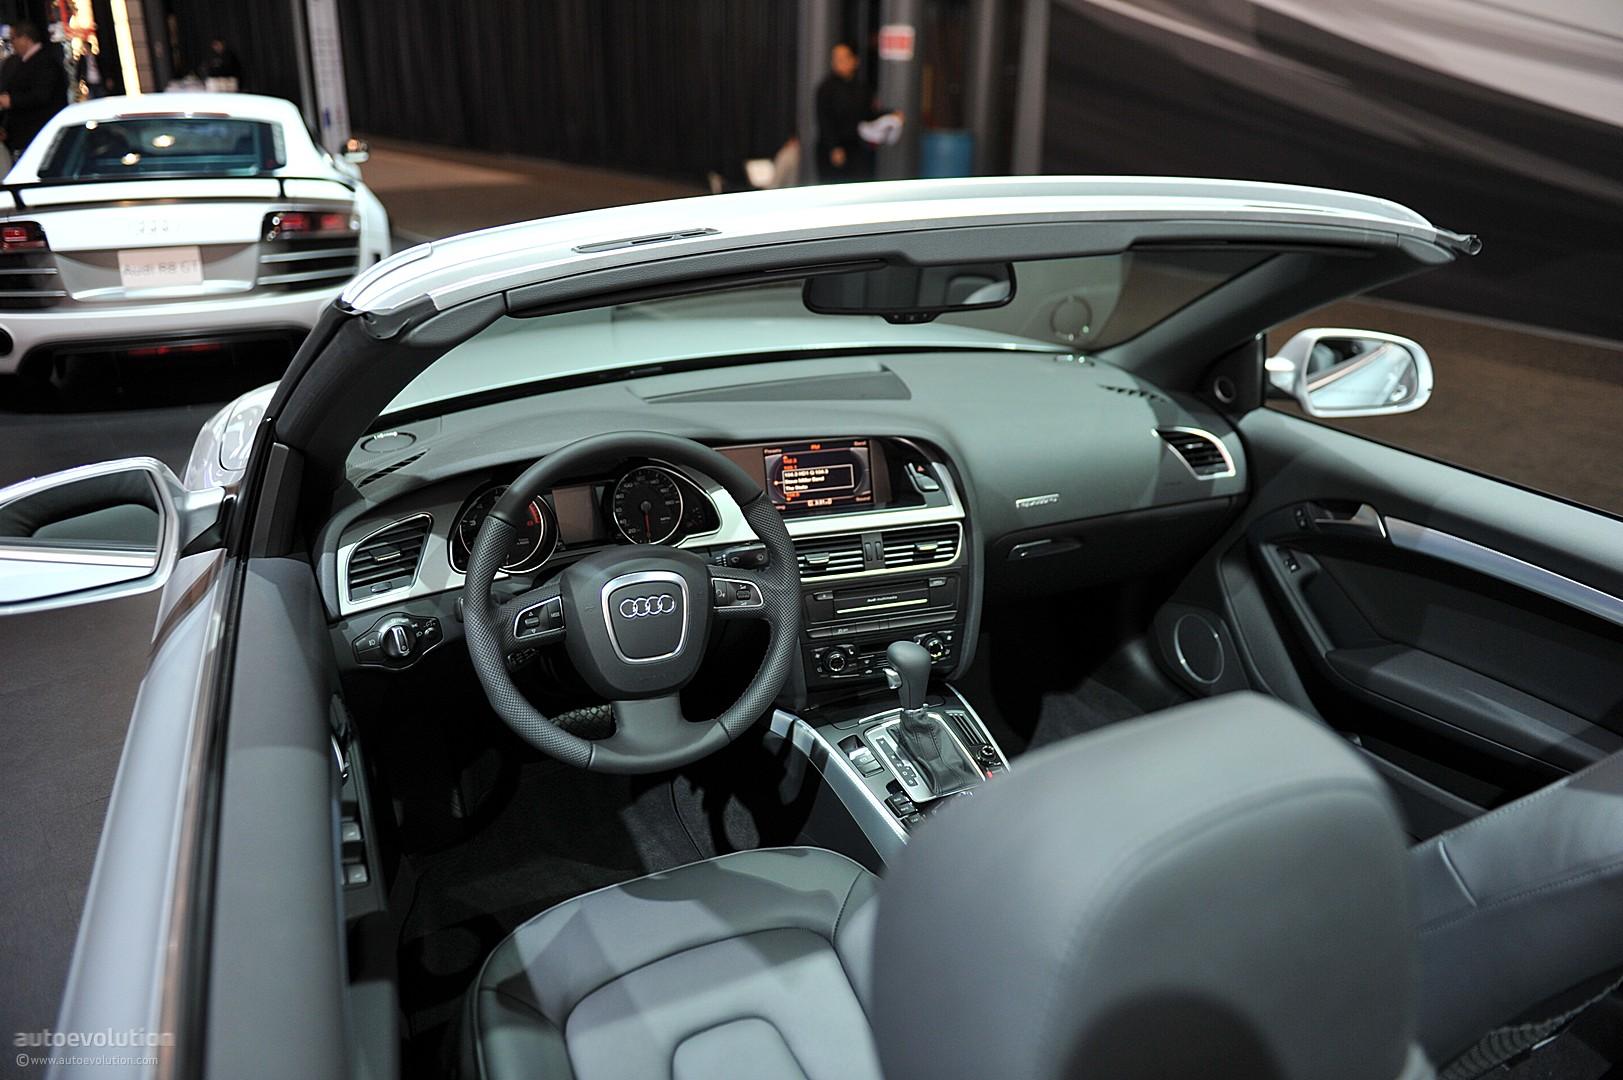 Nyias 2011 Audi A5 Cabriolet Live Photos Autoevolution